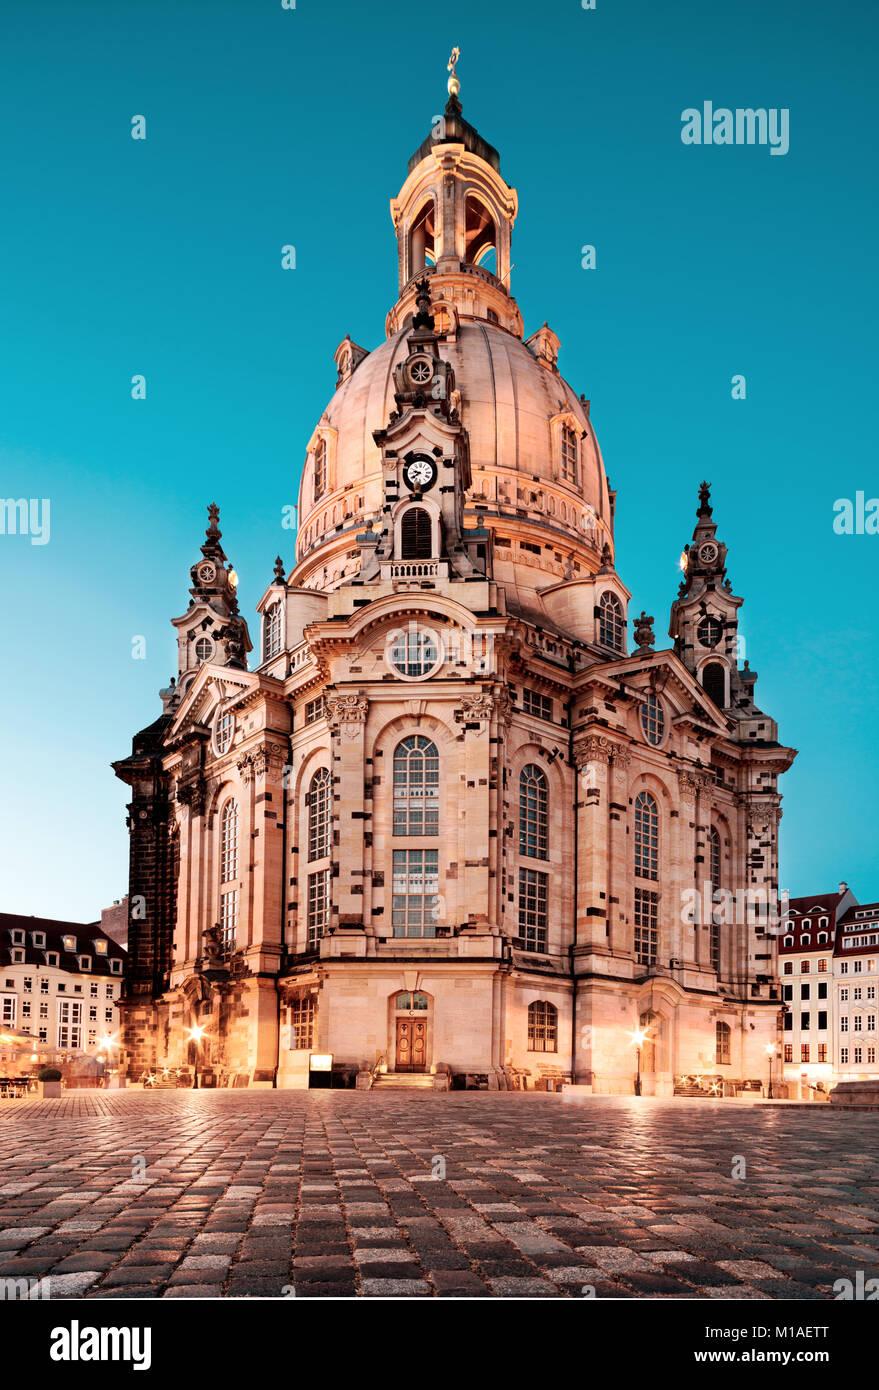 Frauenkirche in der Nacht in Dresden, Deutschland, Gefärbtes Bild Stockbild